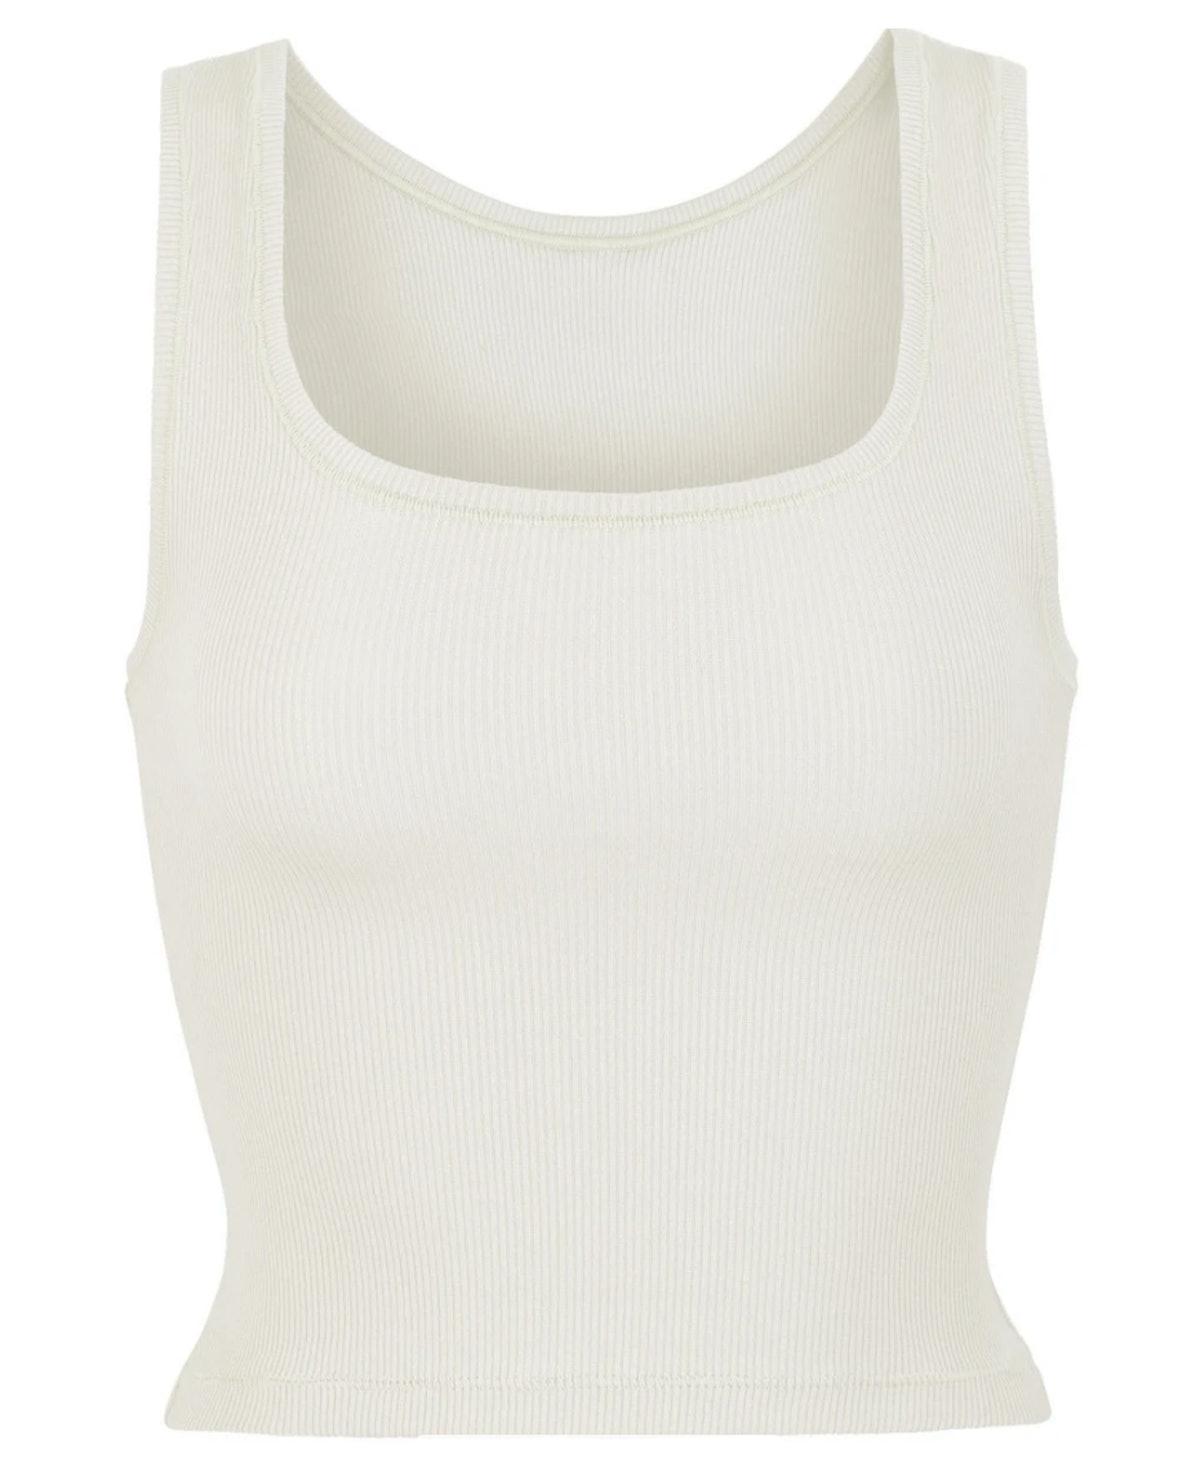 SKIMS' white cotton rib tank top.